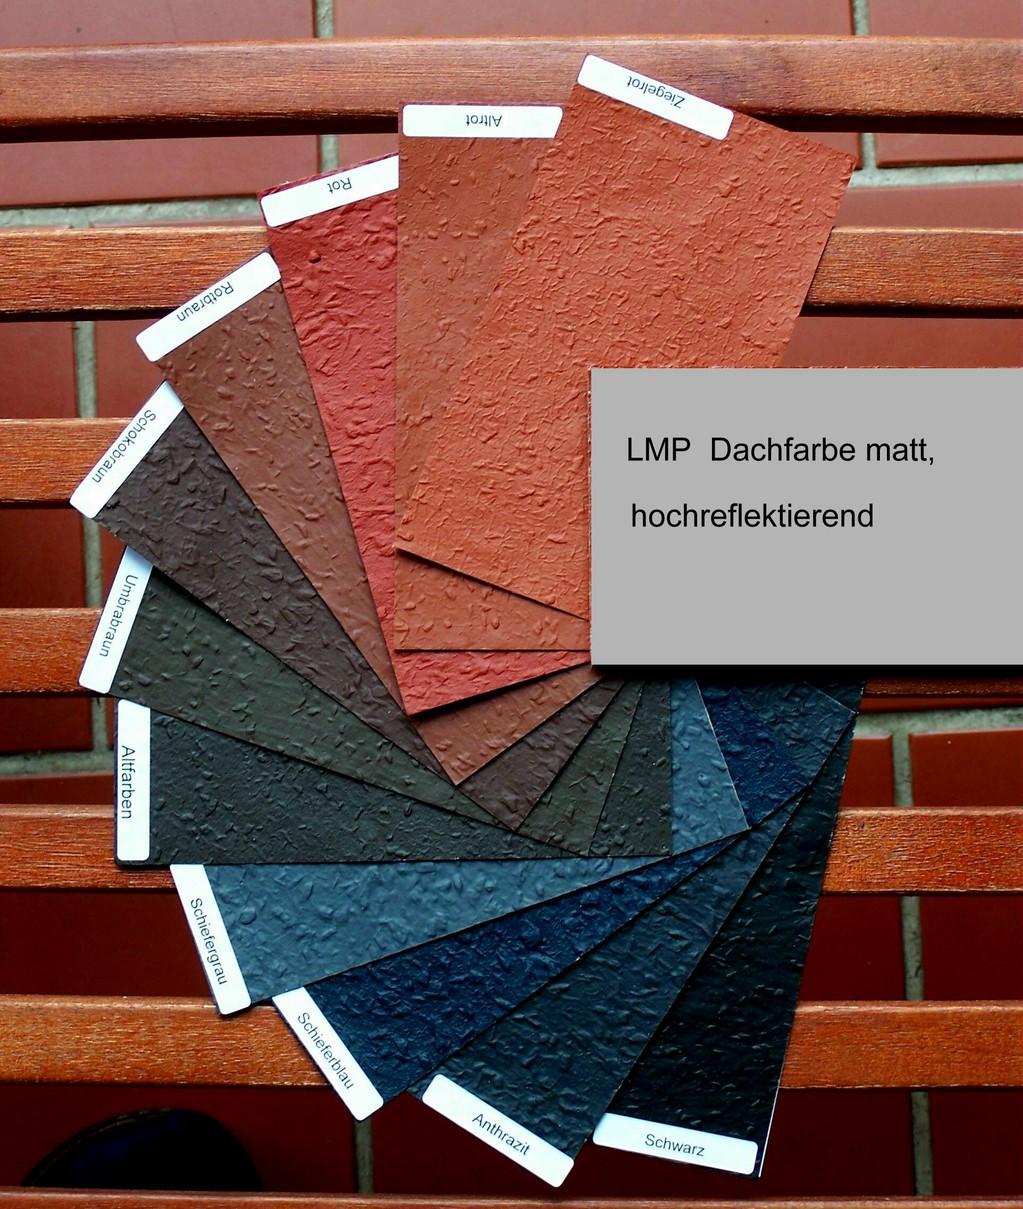 lmp dachfarben hochreflektierend durch mikrohohlraum. Black Bedroom Furniture Sets. Home Design Ideas